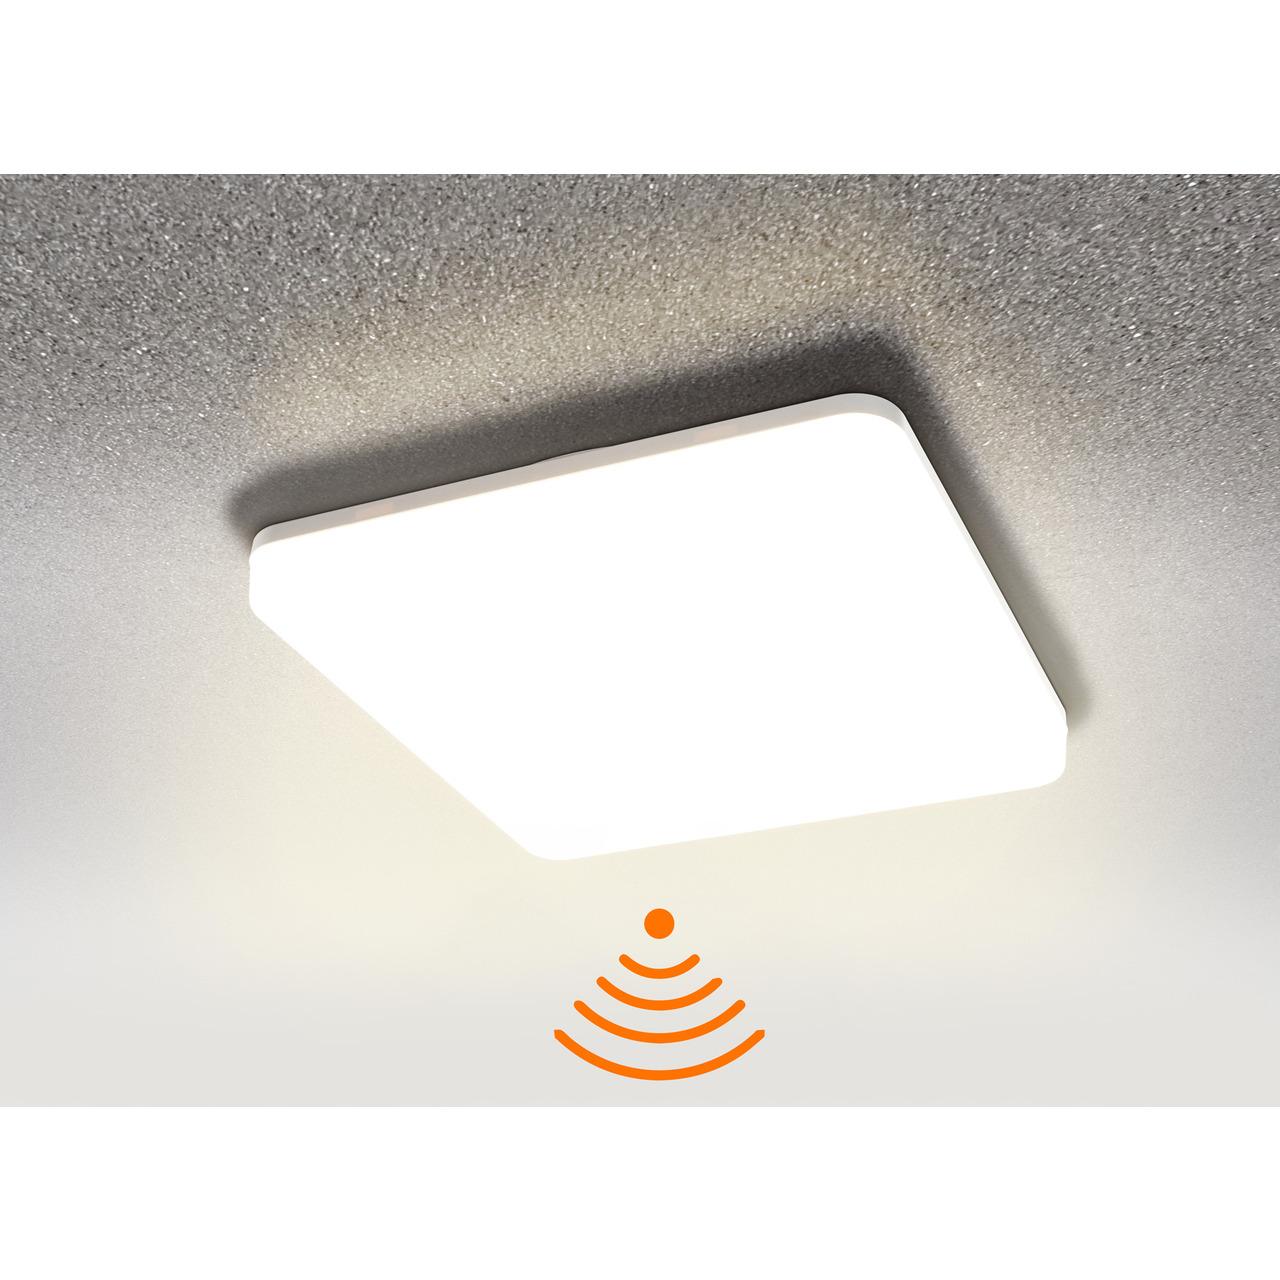 HEITRONIC 24-W-Sensor-LED-Wand-Deckenleuchte Pronto mit HF-Bewegungsmelder- eckig- warmweiss- IP54